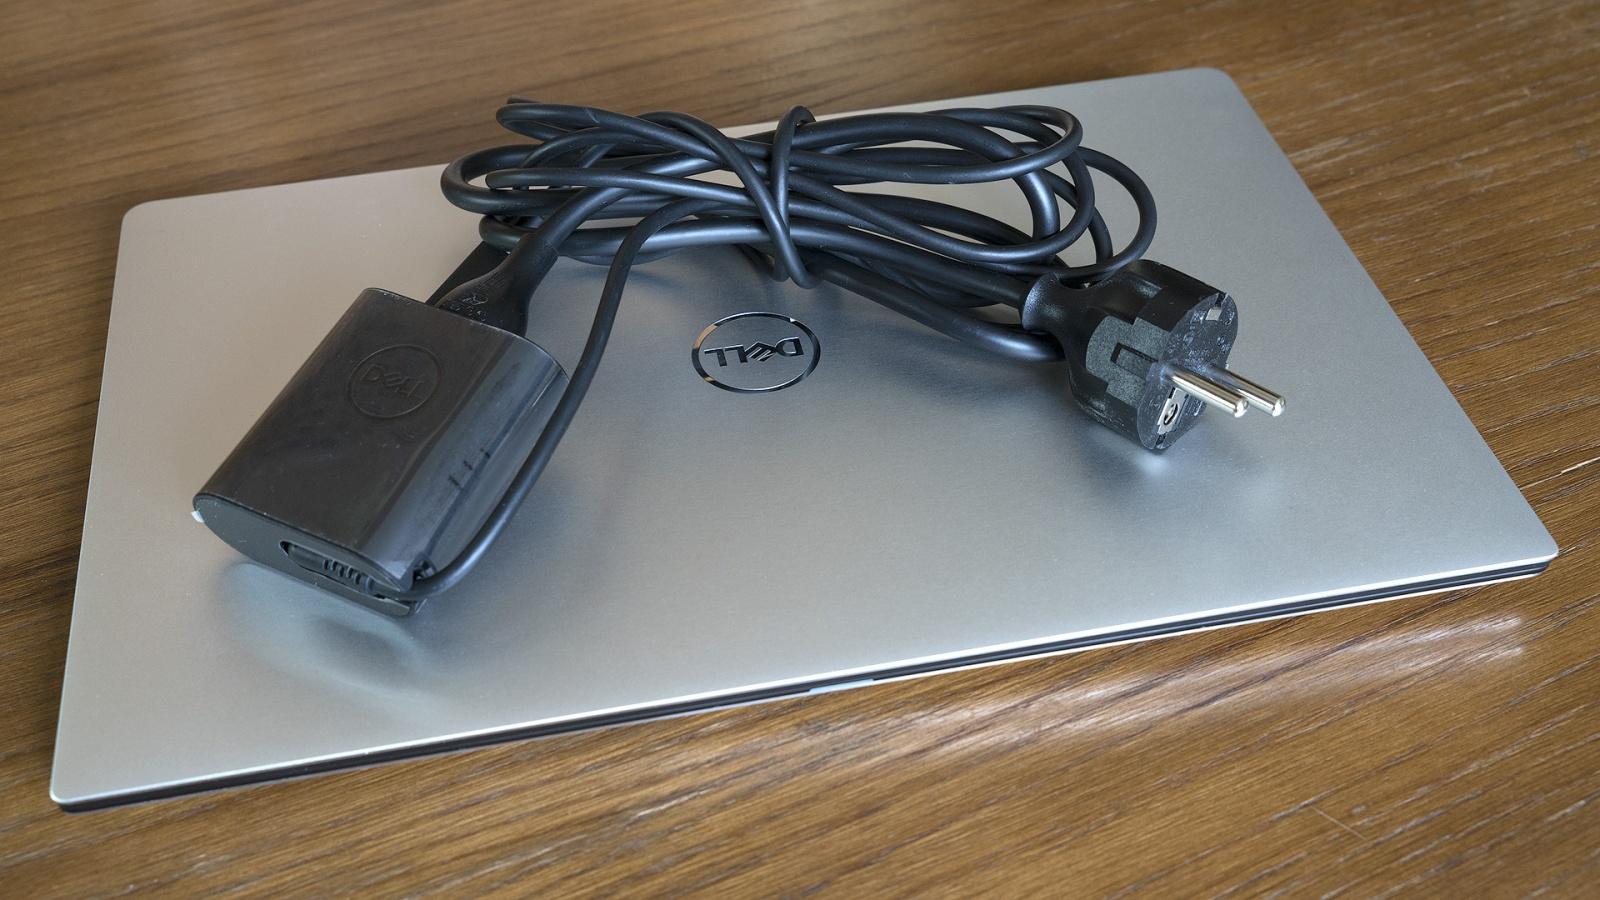 Обзор ноутбука Dell XPS 13 9370: лёгкий, красивый, быстрый - 21